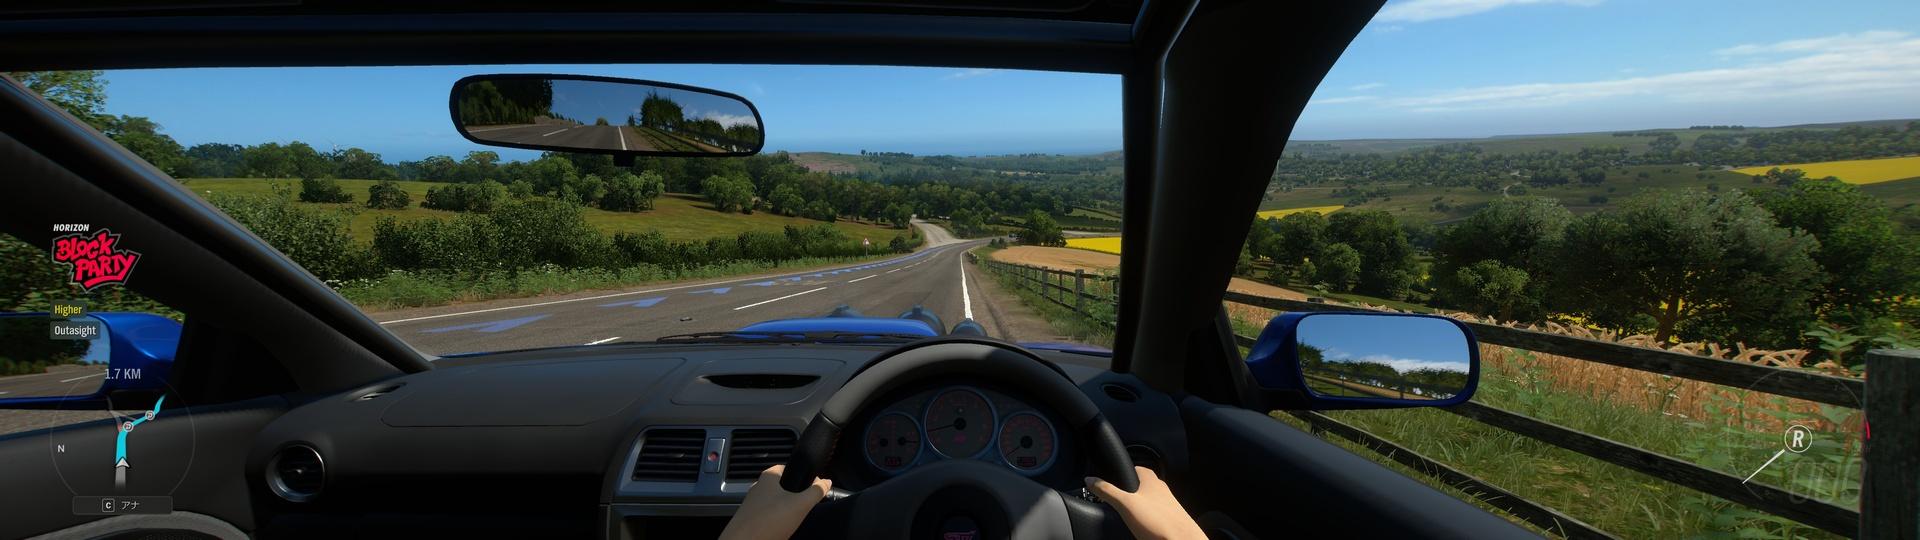 画像集/「Forza Horizon 4」レビュー。移り変わる季節のなかで